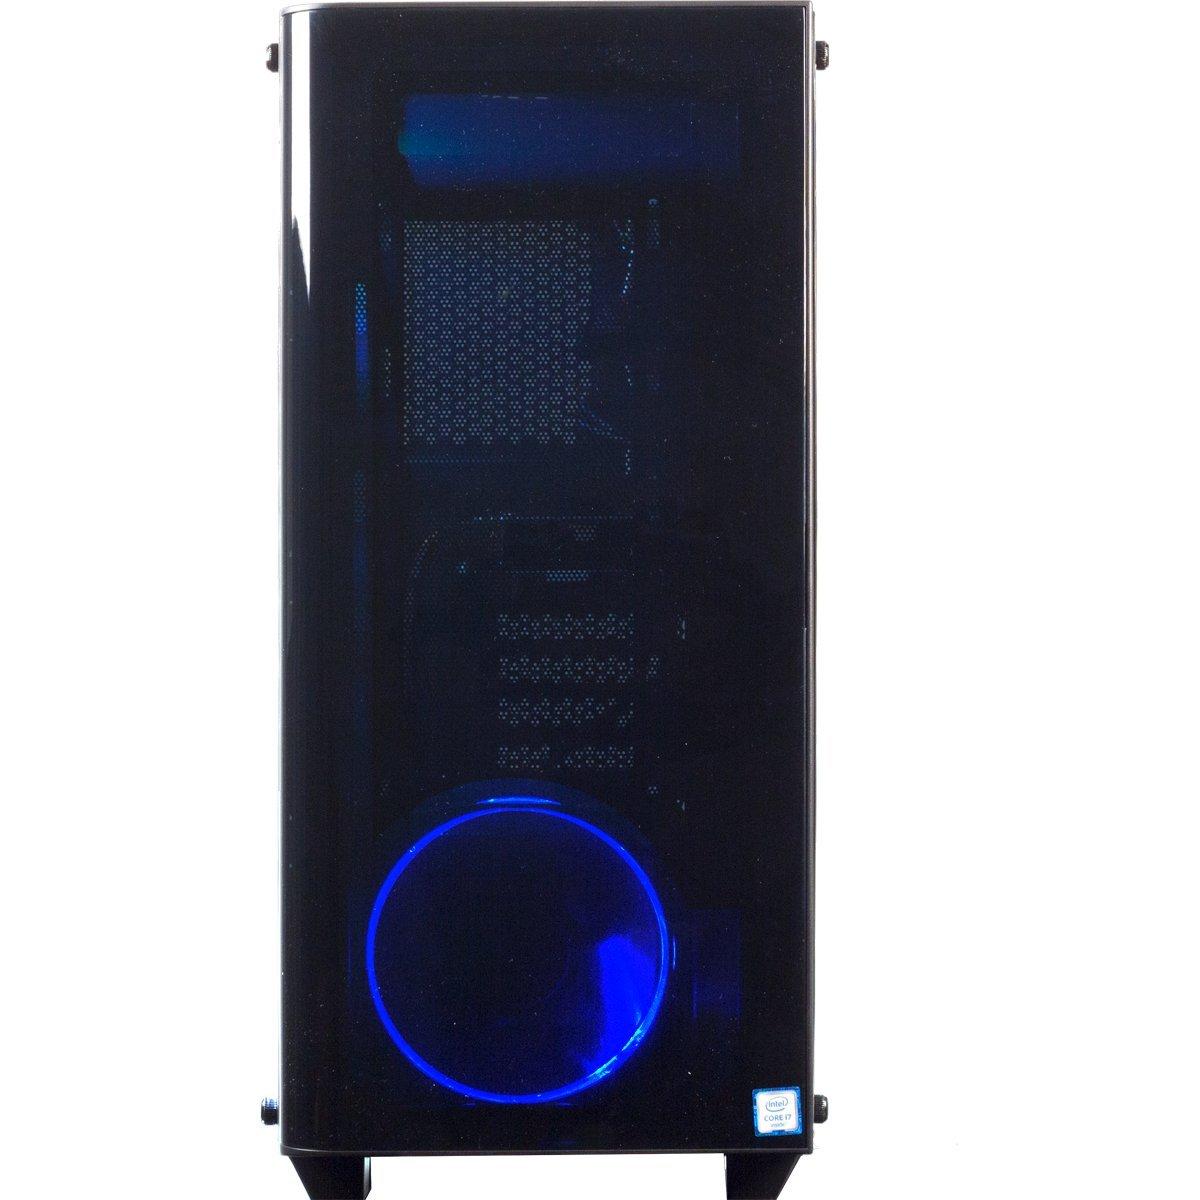 iBUYPOWER Gaming Elite Desktop PC Liquid Cooled AM8440i Intel i7-8700k 3.70GHz, NVIDIA Geforce GTX 1060 6GB, 16GB DDR4 RAM, 1TB 7200RPM HDD,  240GB SSD, Wifi, RGB, Win 10, VR Ready by iBUYPOWER (Image #2)